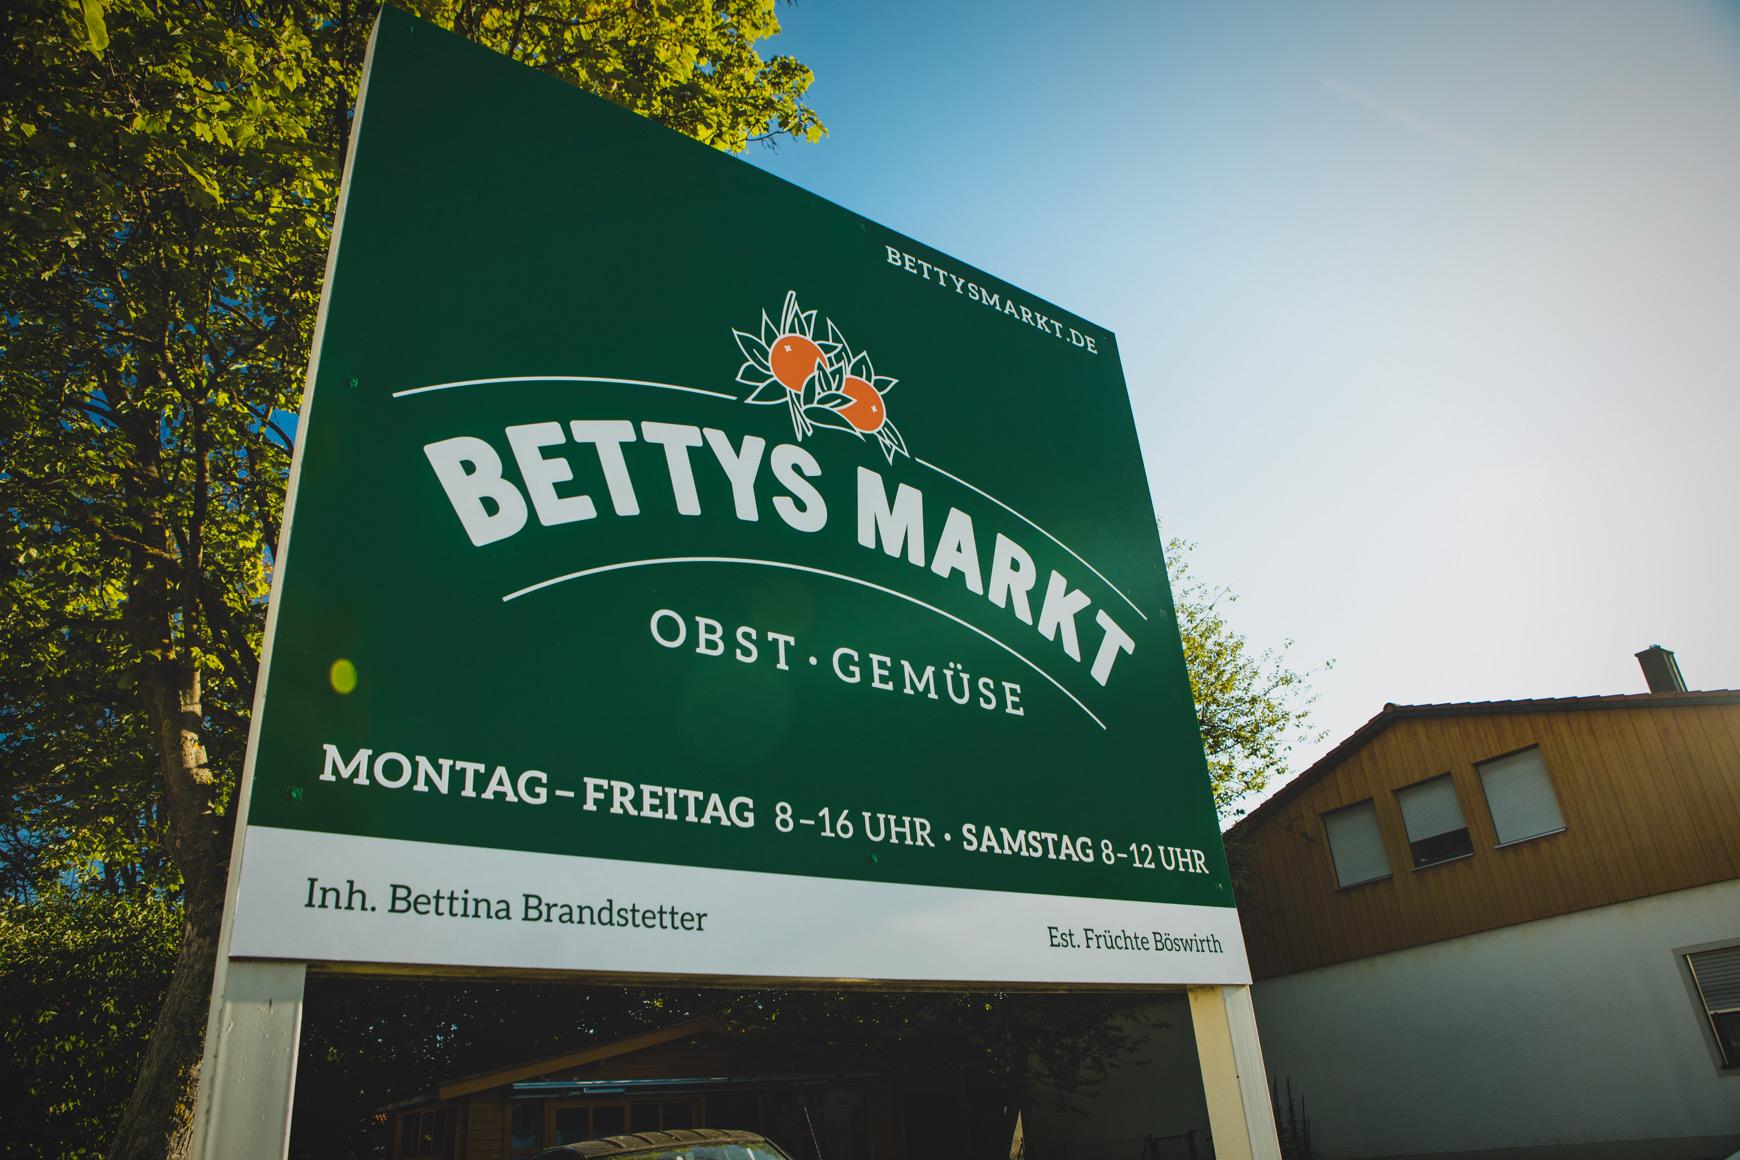 Bettys Markt Schaufenster